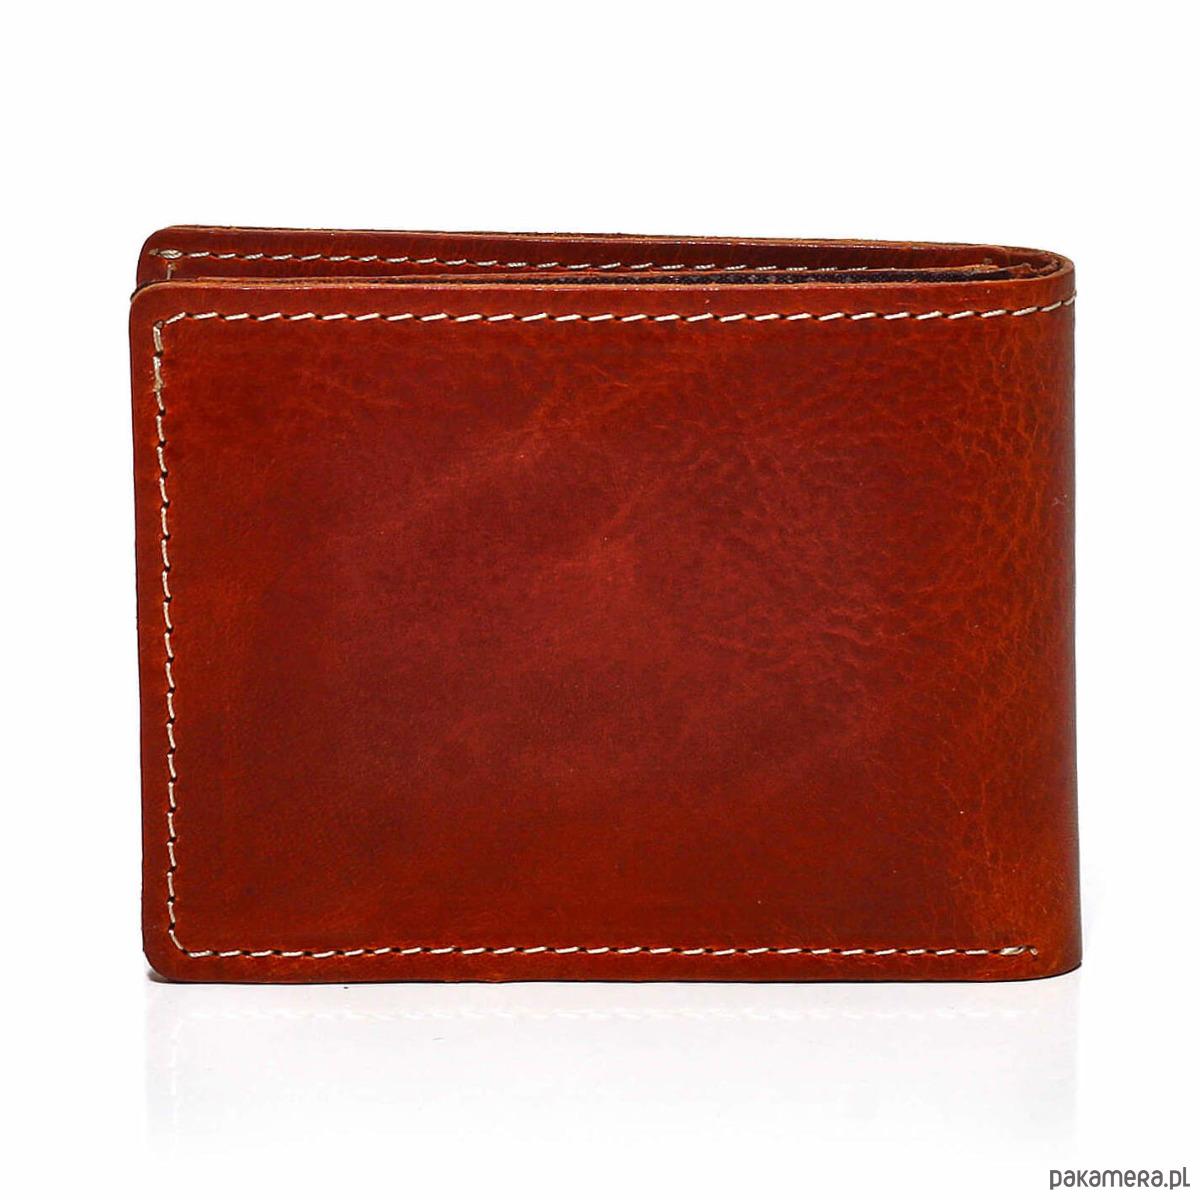 236032901dcb0 Portfel męski skórzany sklim cienki Belveder - akcesoria - portfele ...